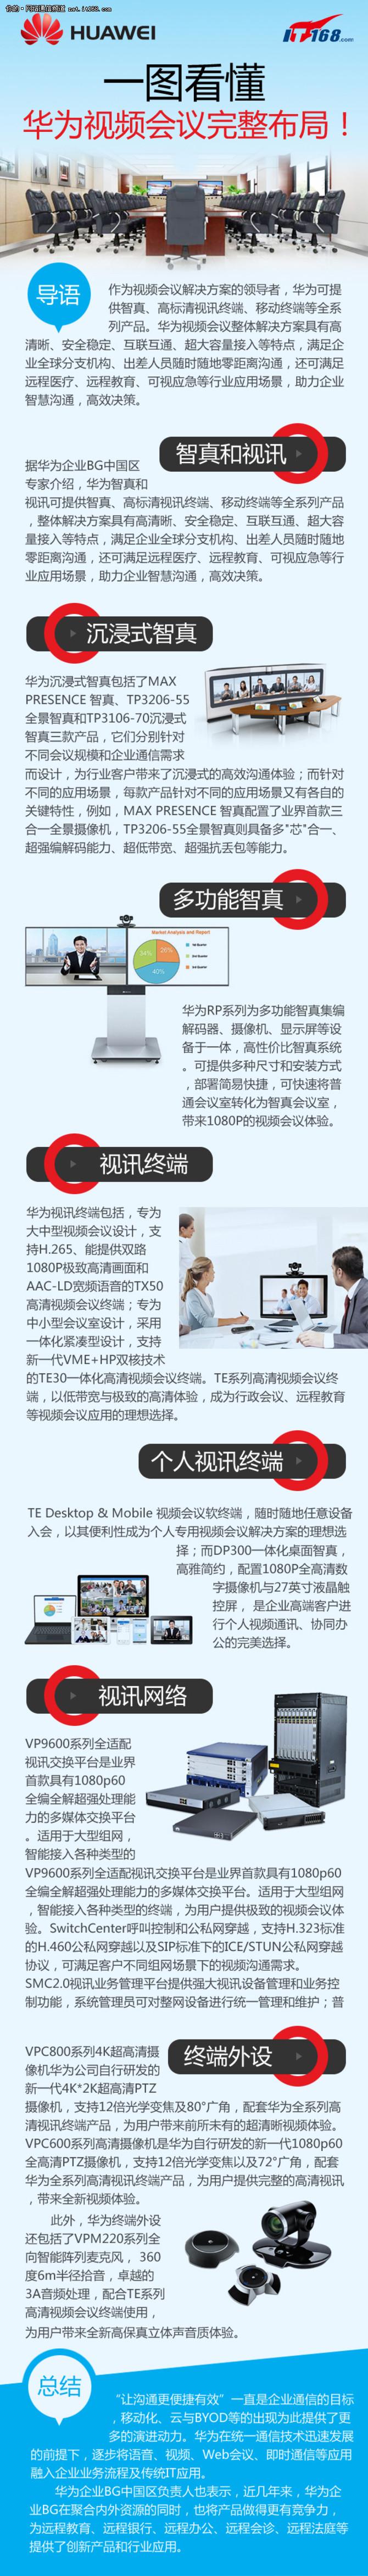 一图看懂 华为视频会议完整布局